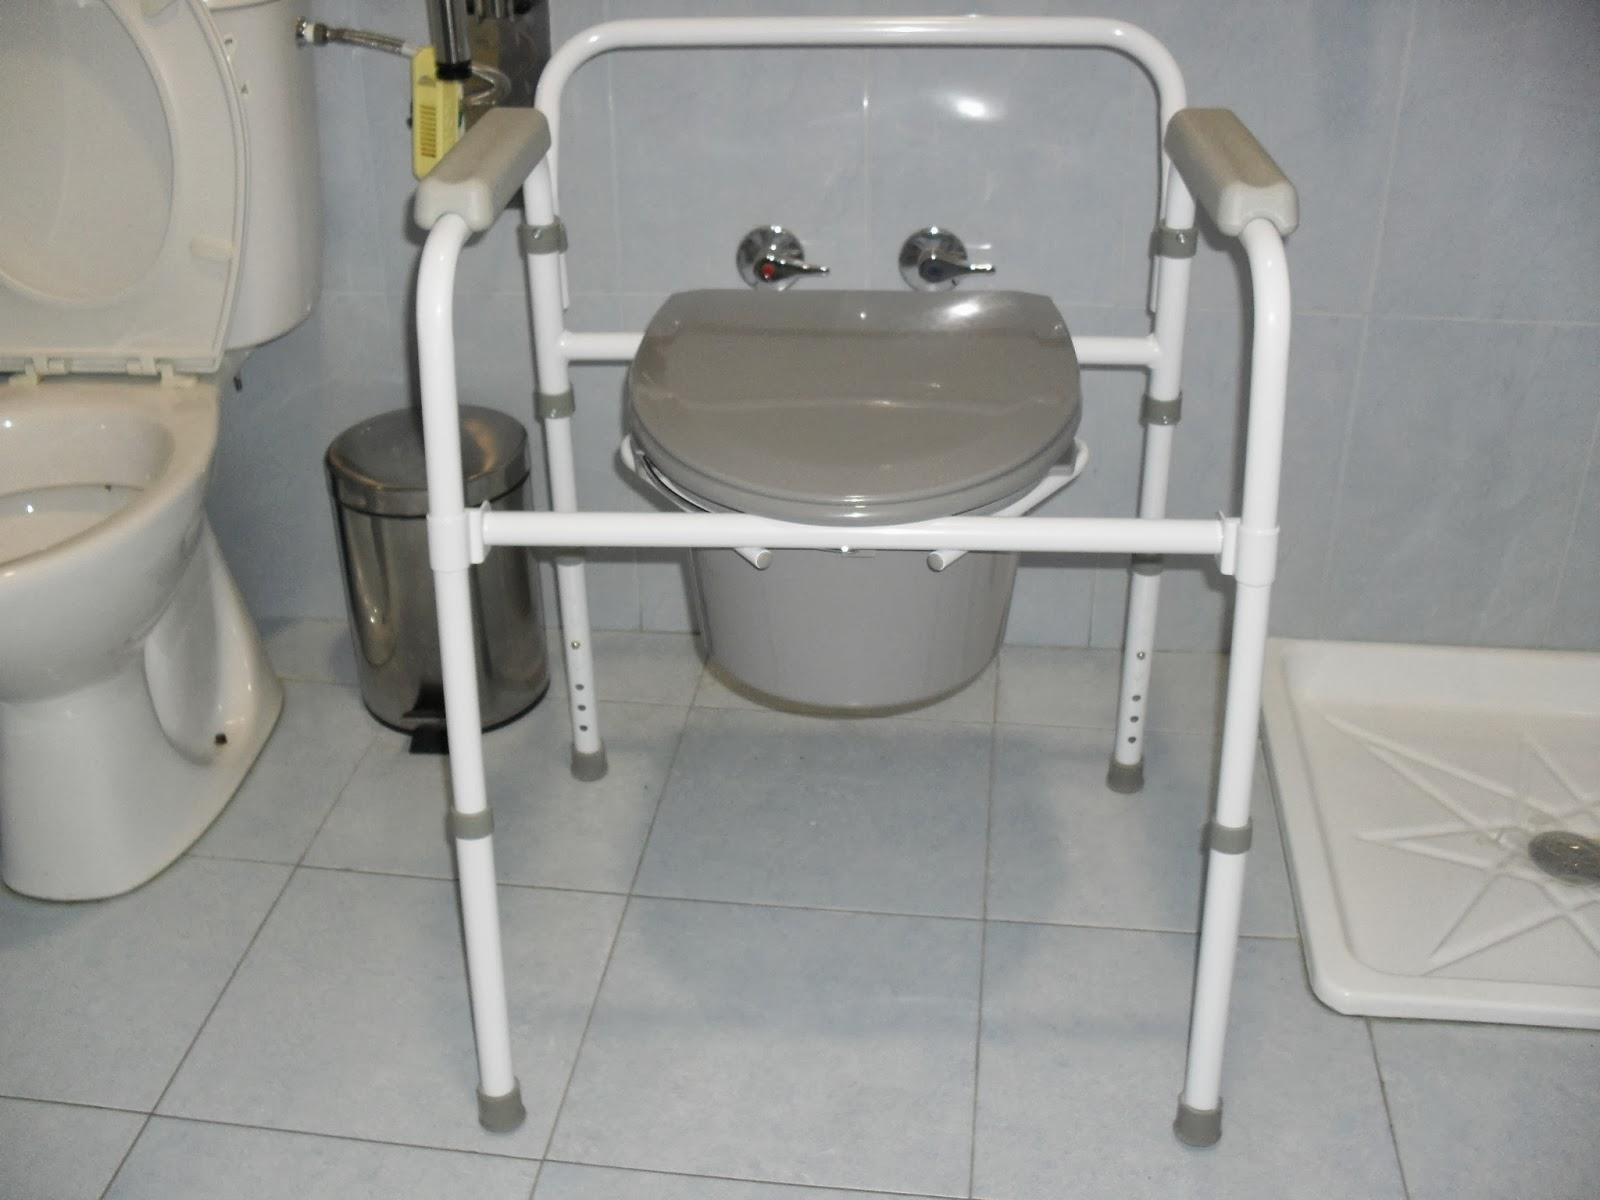 Silla wc 3 en 1 elevador de wc silla inodoro y apoyo for Sillas para water